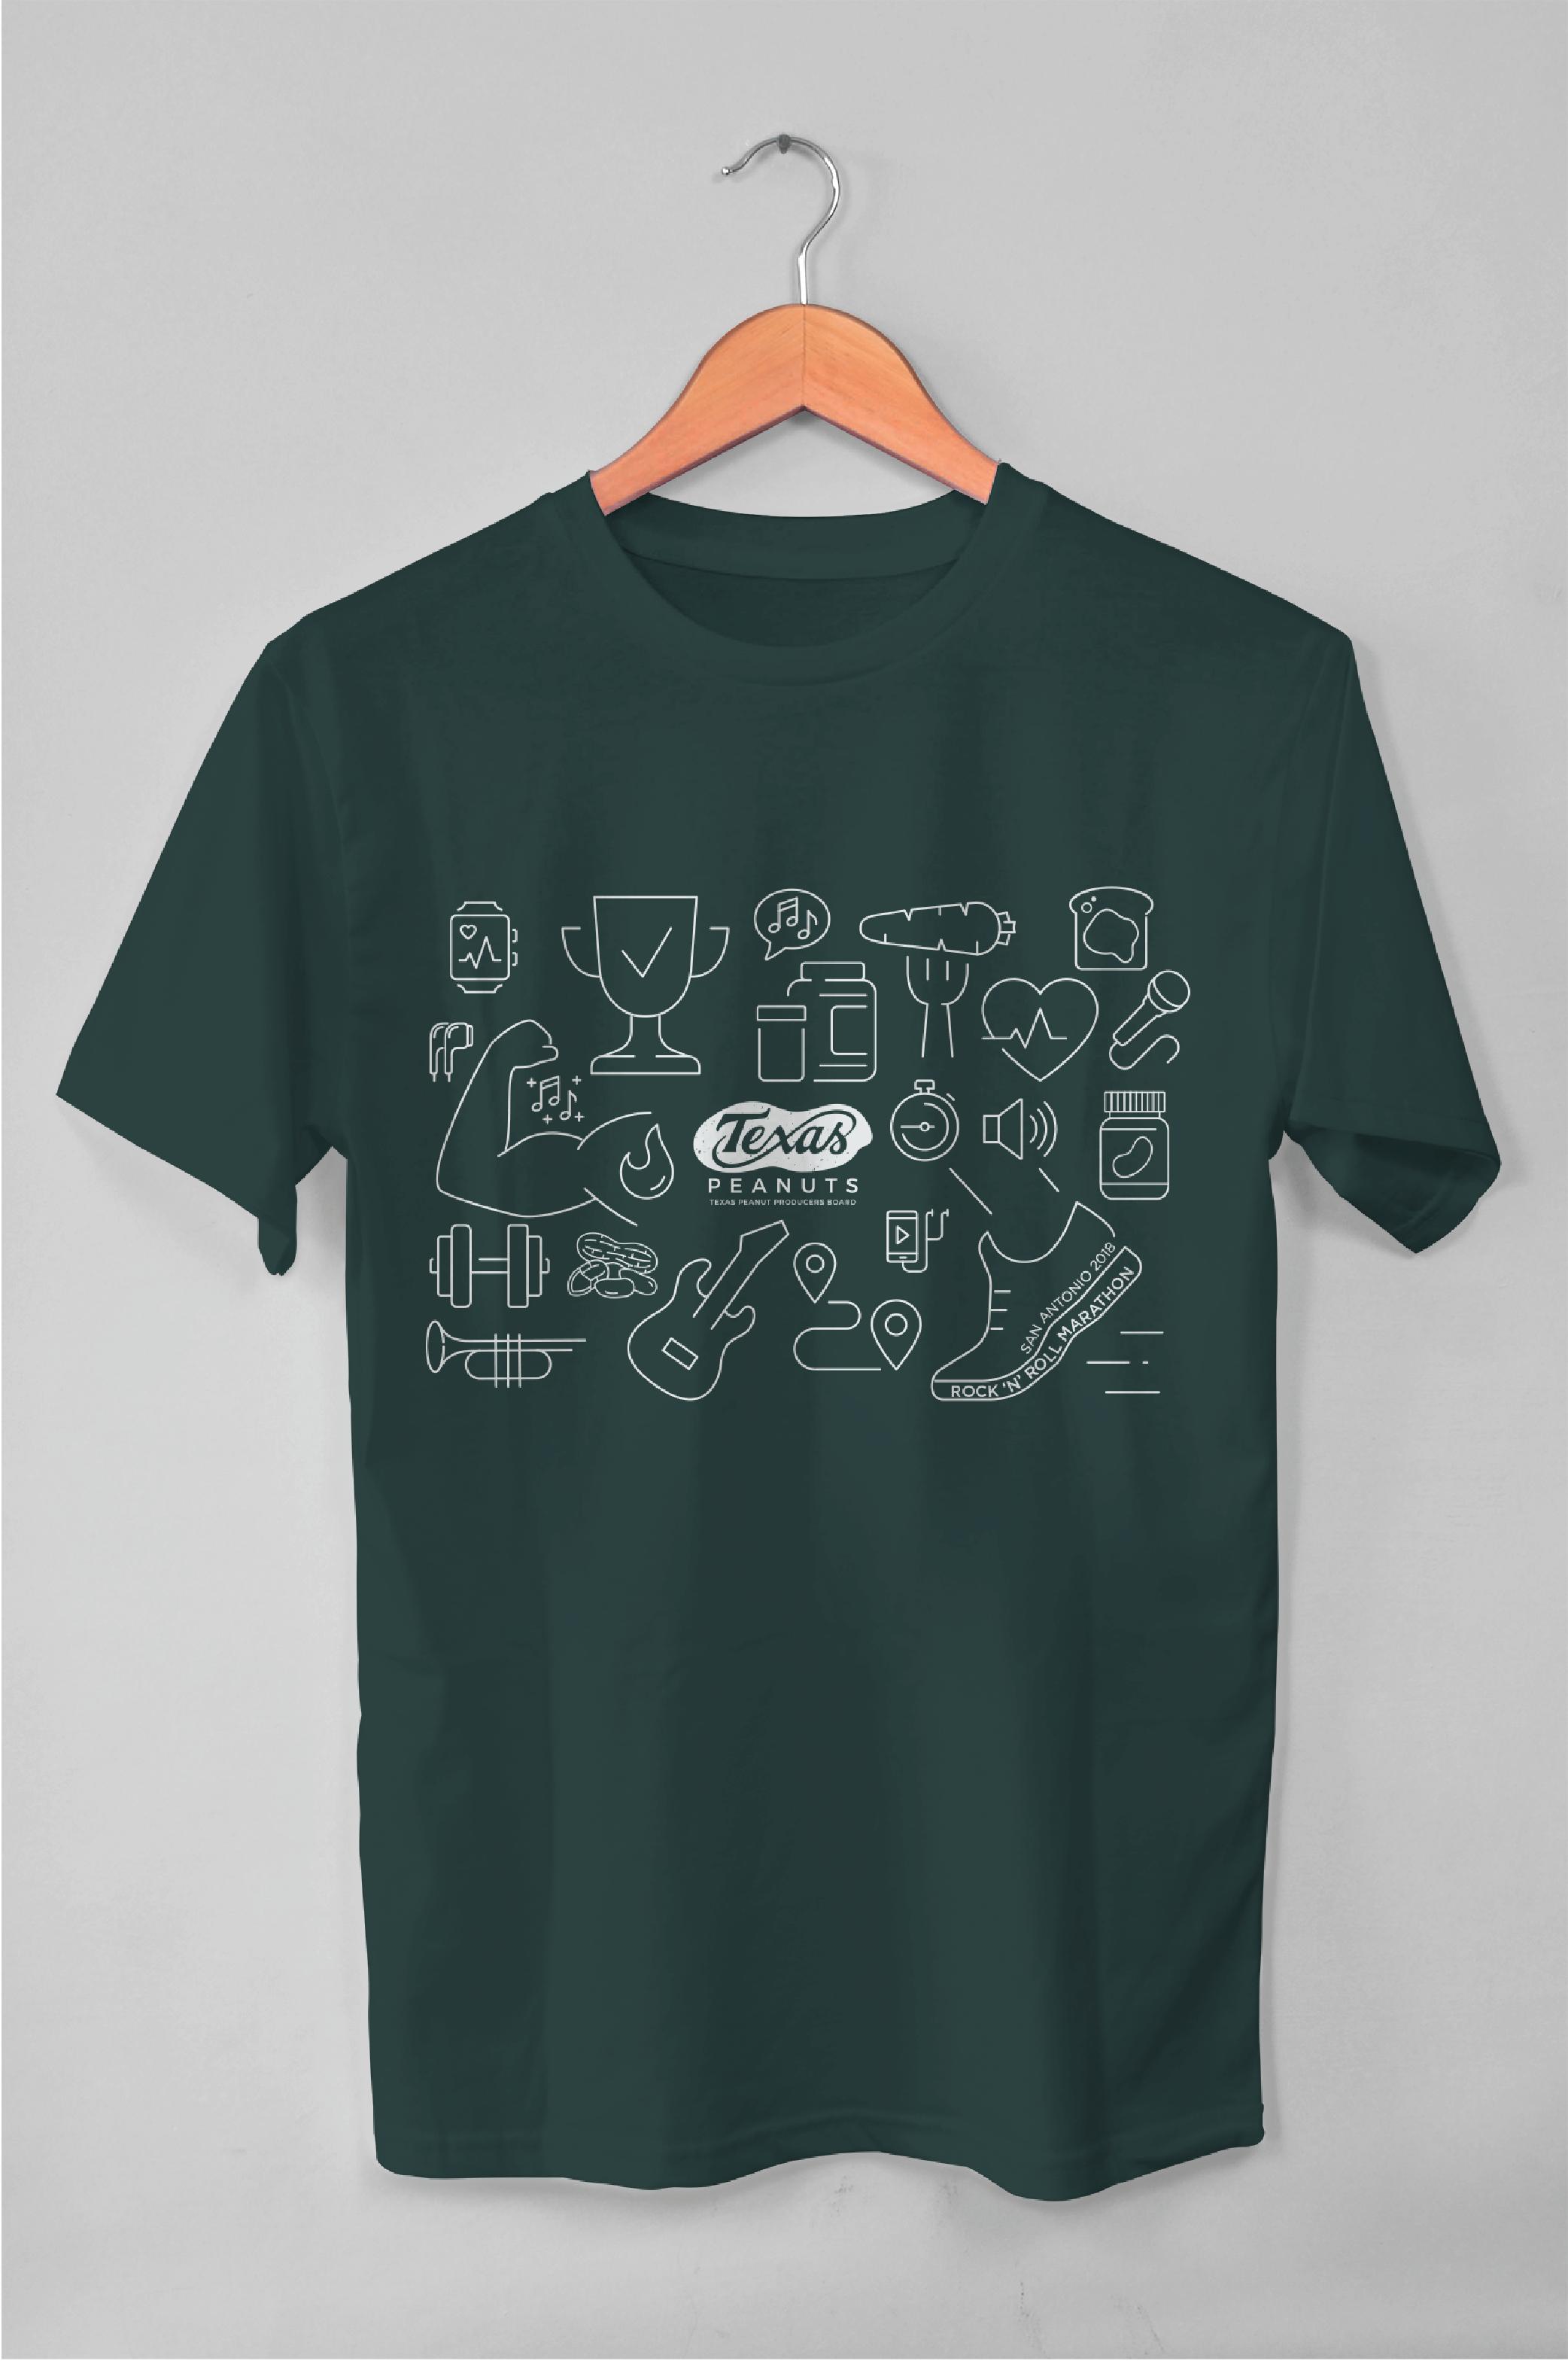 Texas Peanuts Marathon Tshirt